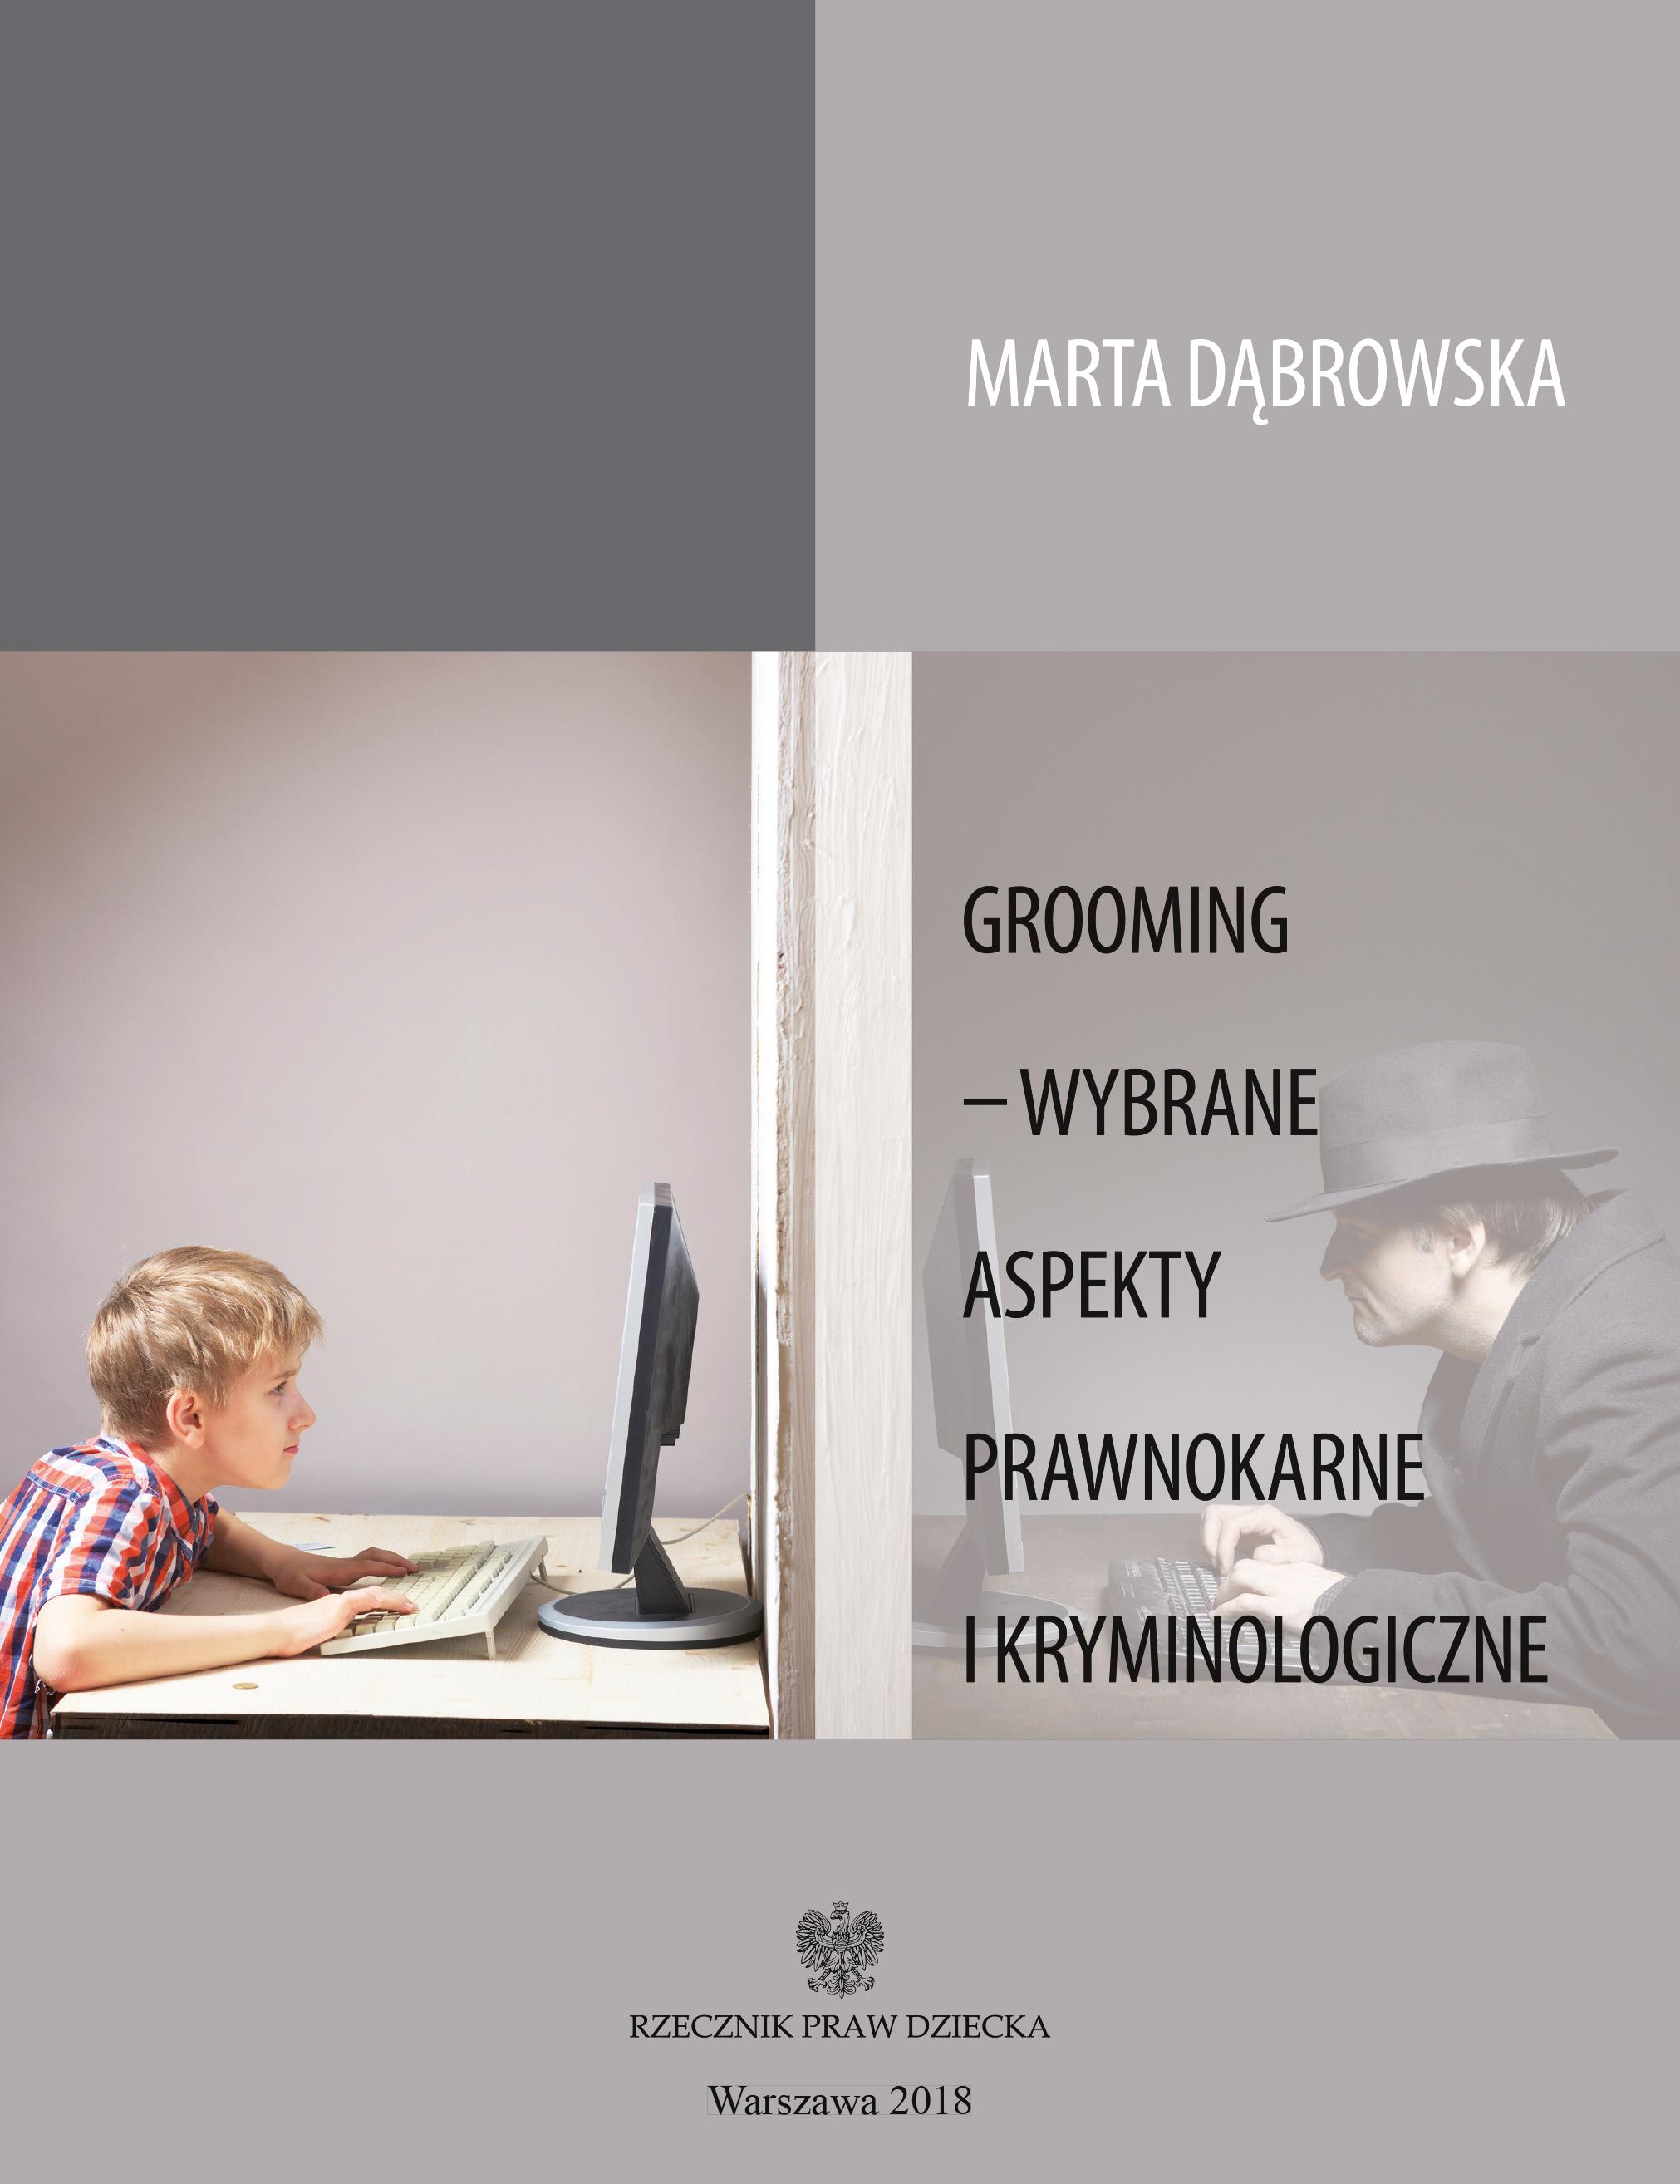 okładka książki Grooming – wybrane aspekty prawnokarne i kryminologiczne